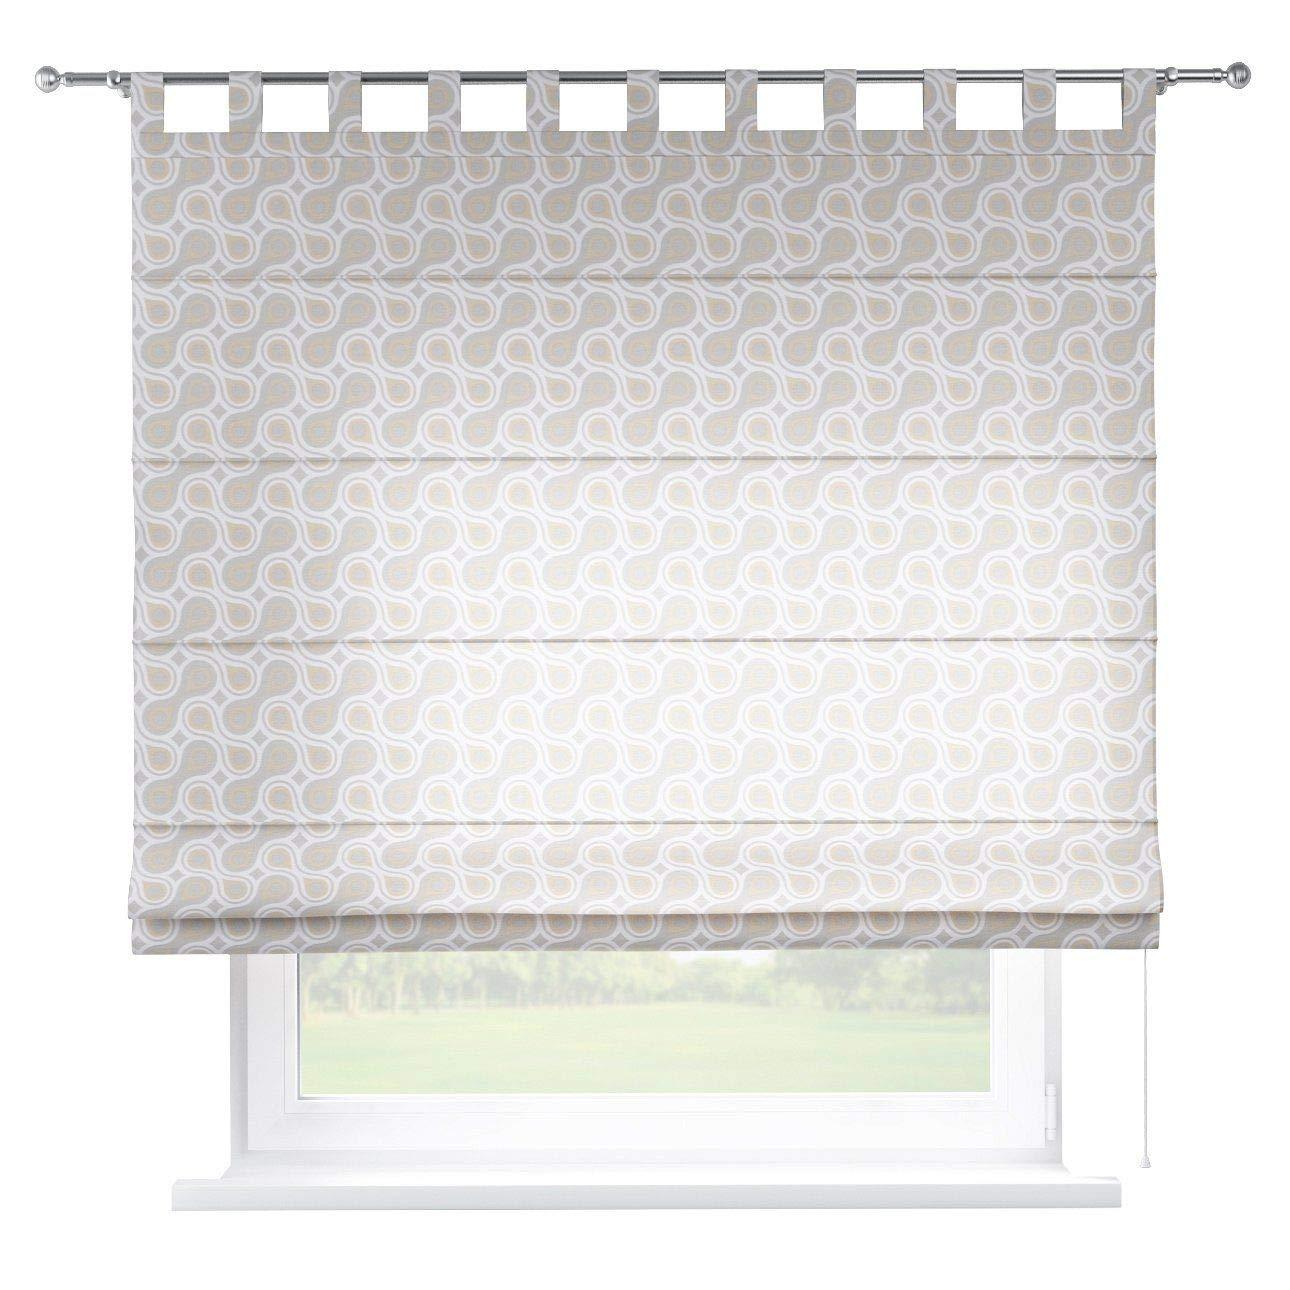 Dekoria Raffrollo Verona ohne Bohren Blickdicht Faltvorhang Raffgardine Wohnzimmer Schlafzimmer Kinderzimmer 160 × 170 cm grau Raffrollos auf Maß maßanfertigung möglich